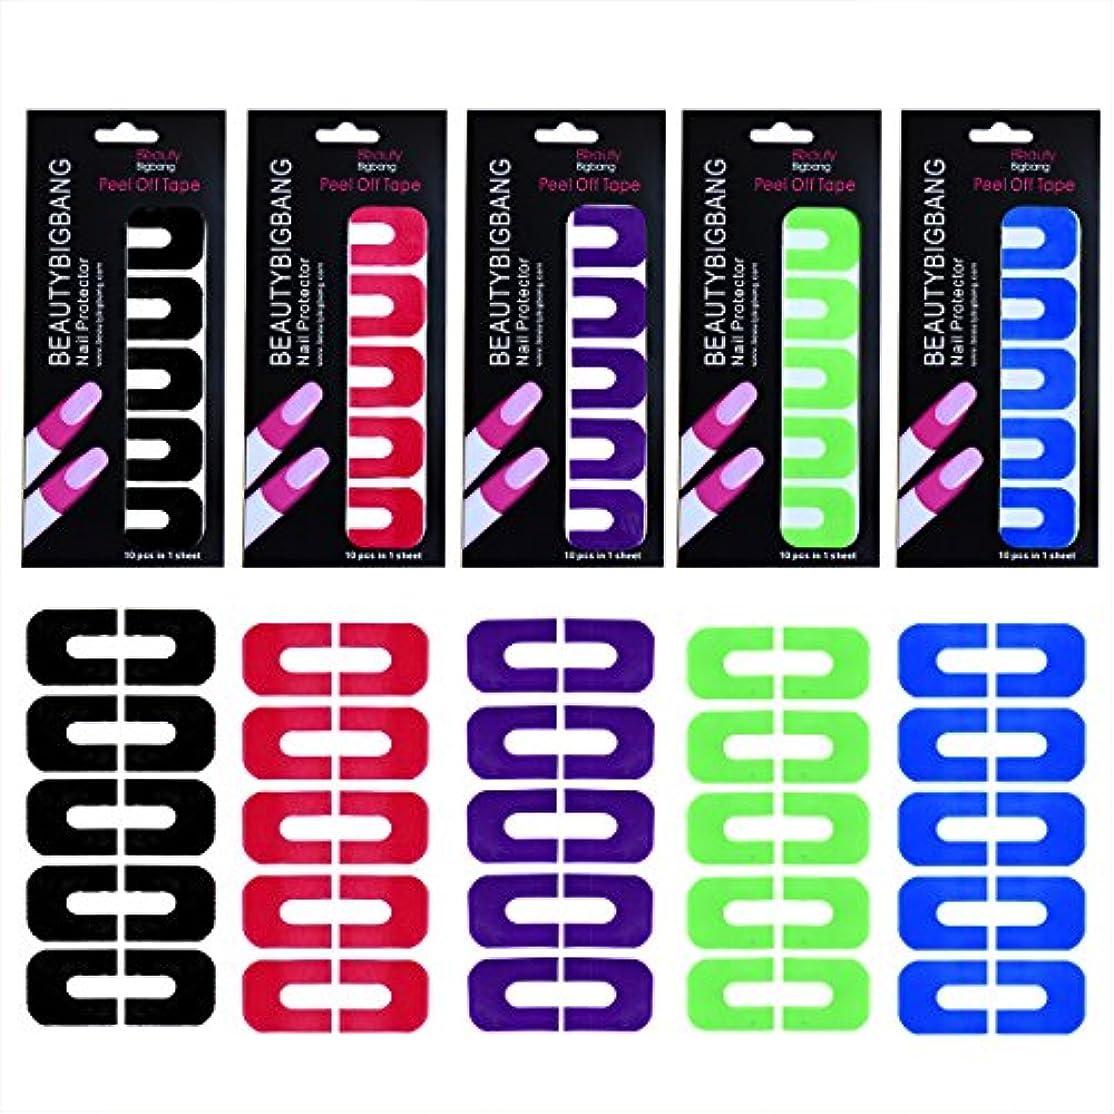 野生雄弁家分類するLiTi ピールオフテープ ネイルプロテクター 5枚セット ジェルネイル ポリッシュ ネイルアートツール はみ出し防止